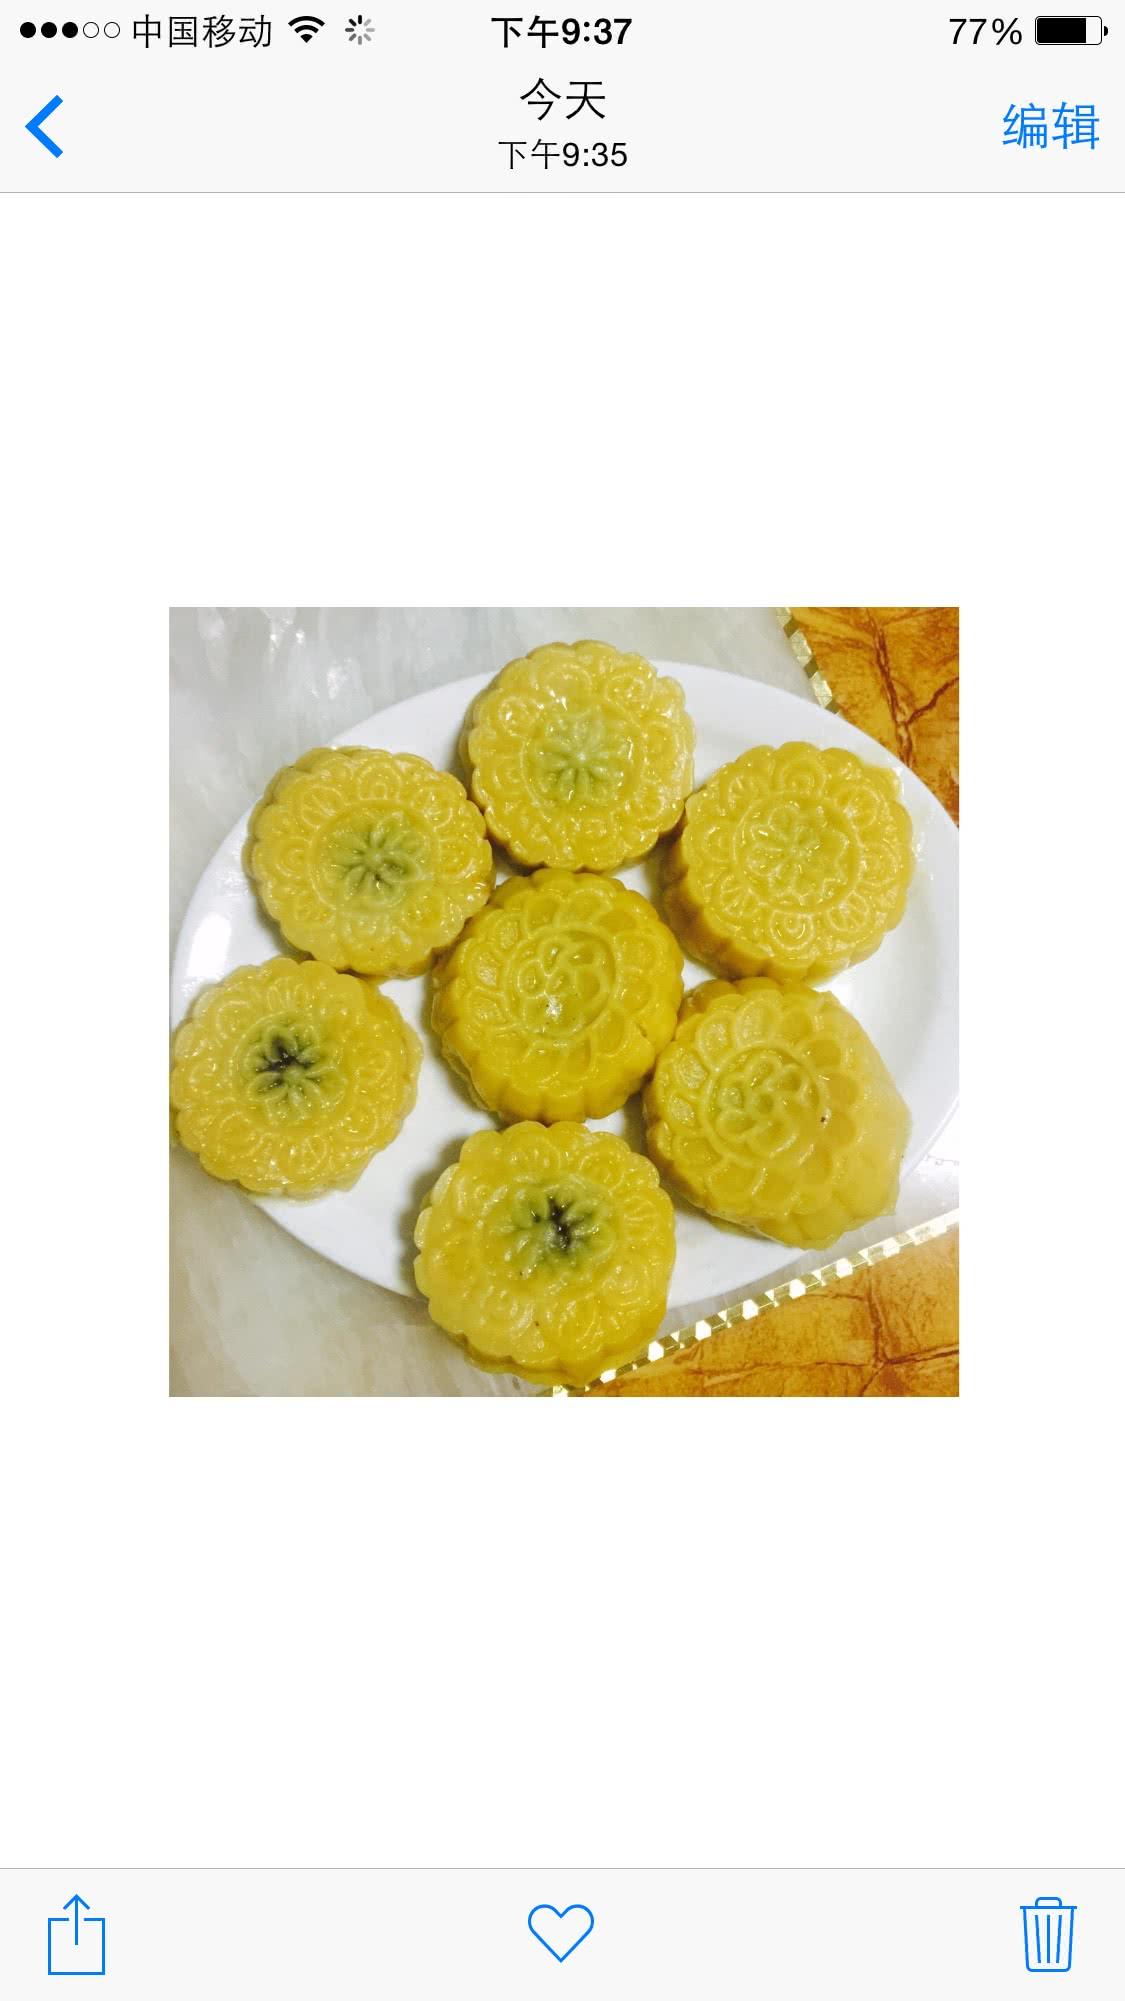 糯米南瓜月饼的做法_【图解】糯米南瓜月饼怎么做如何